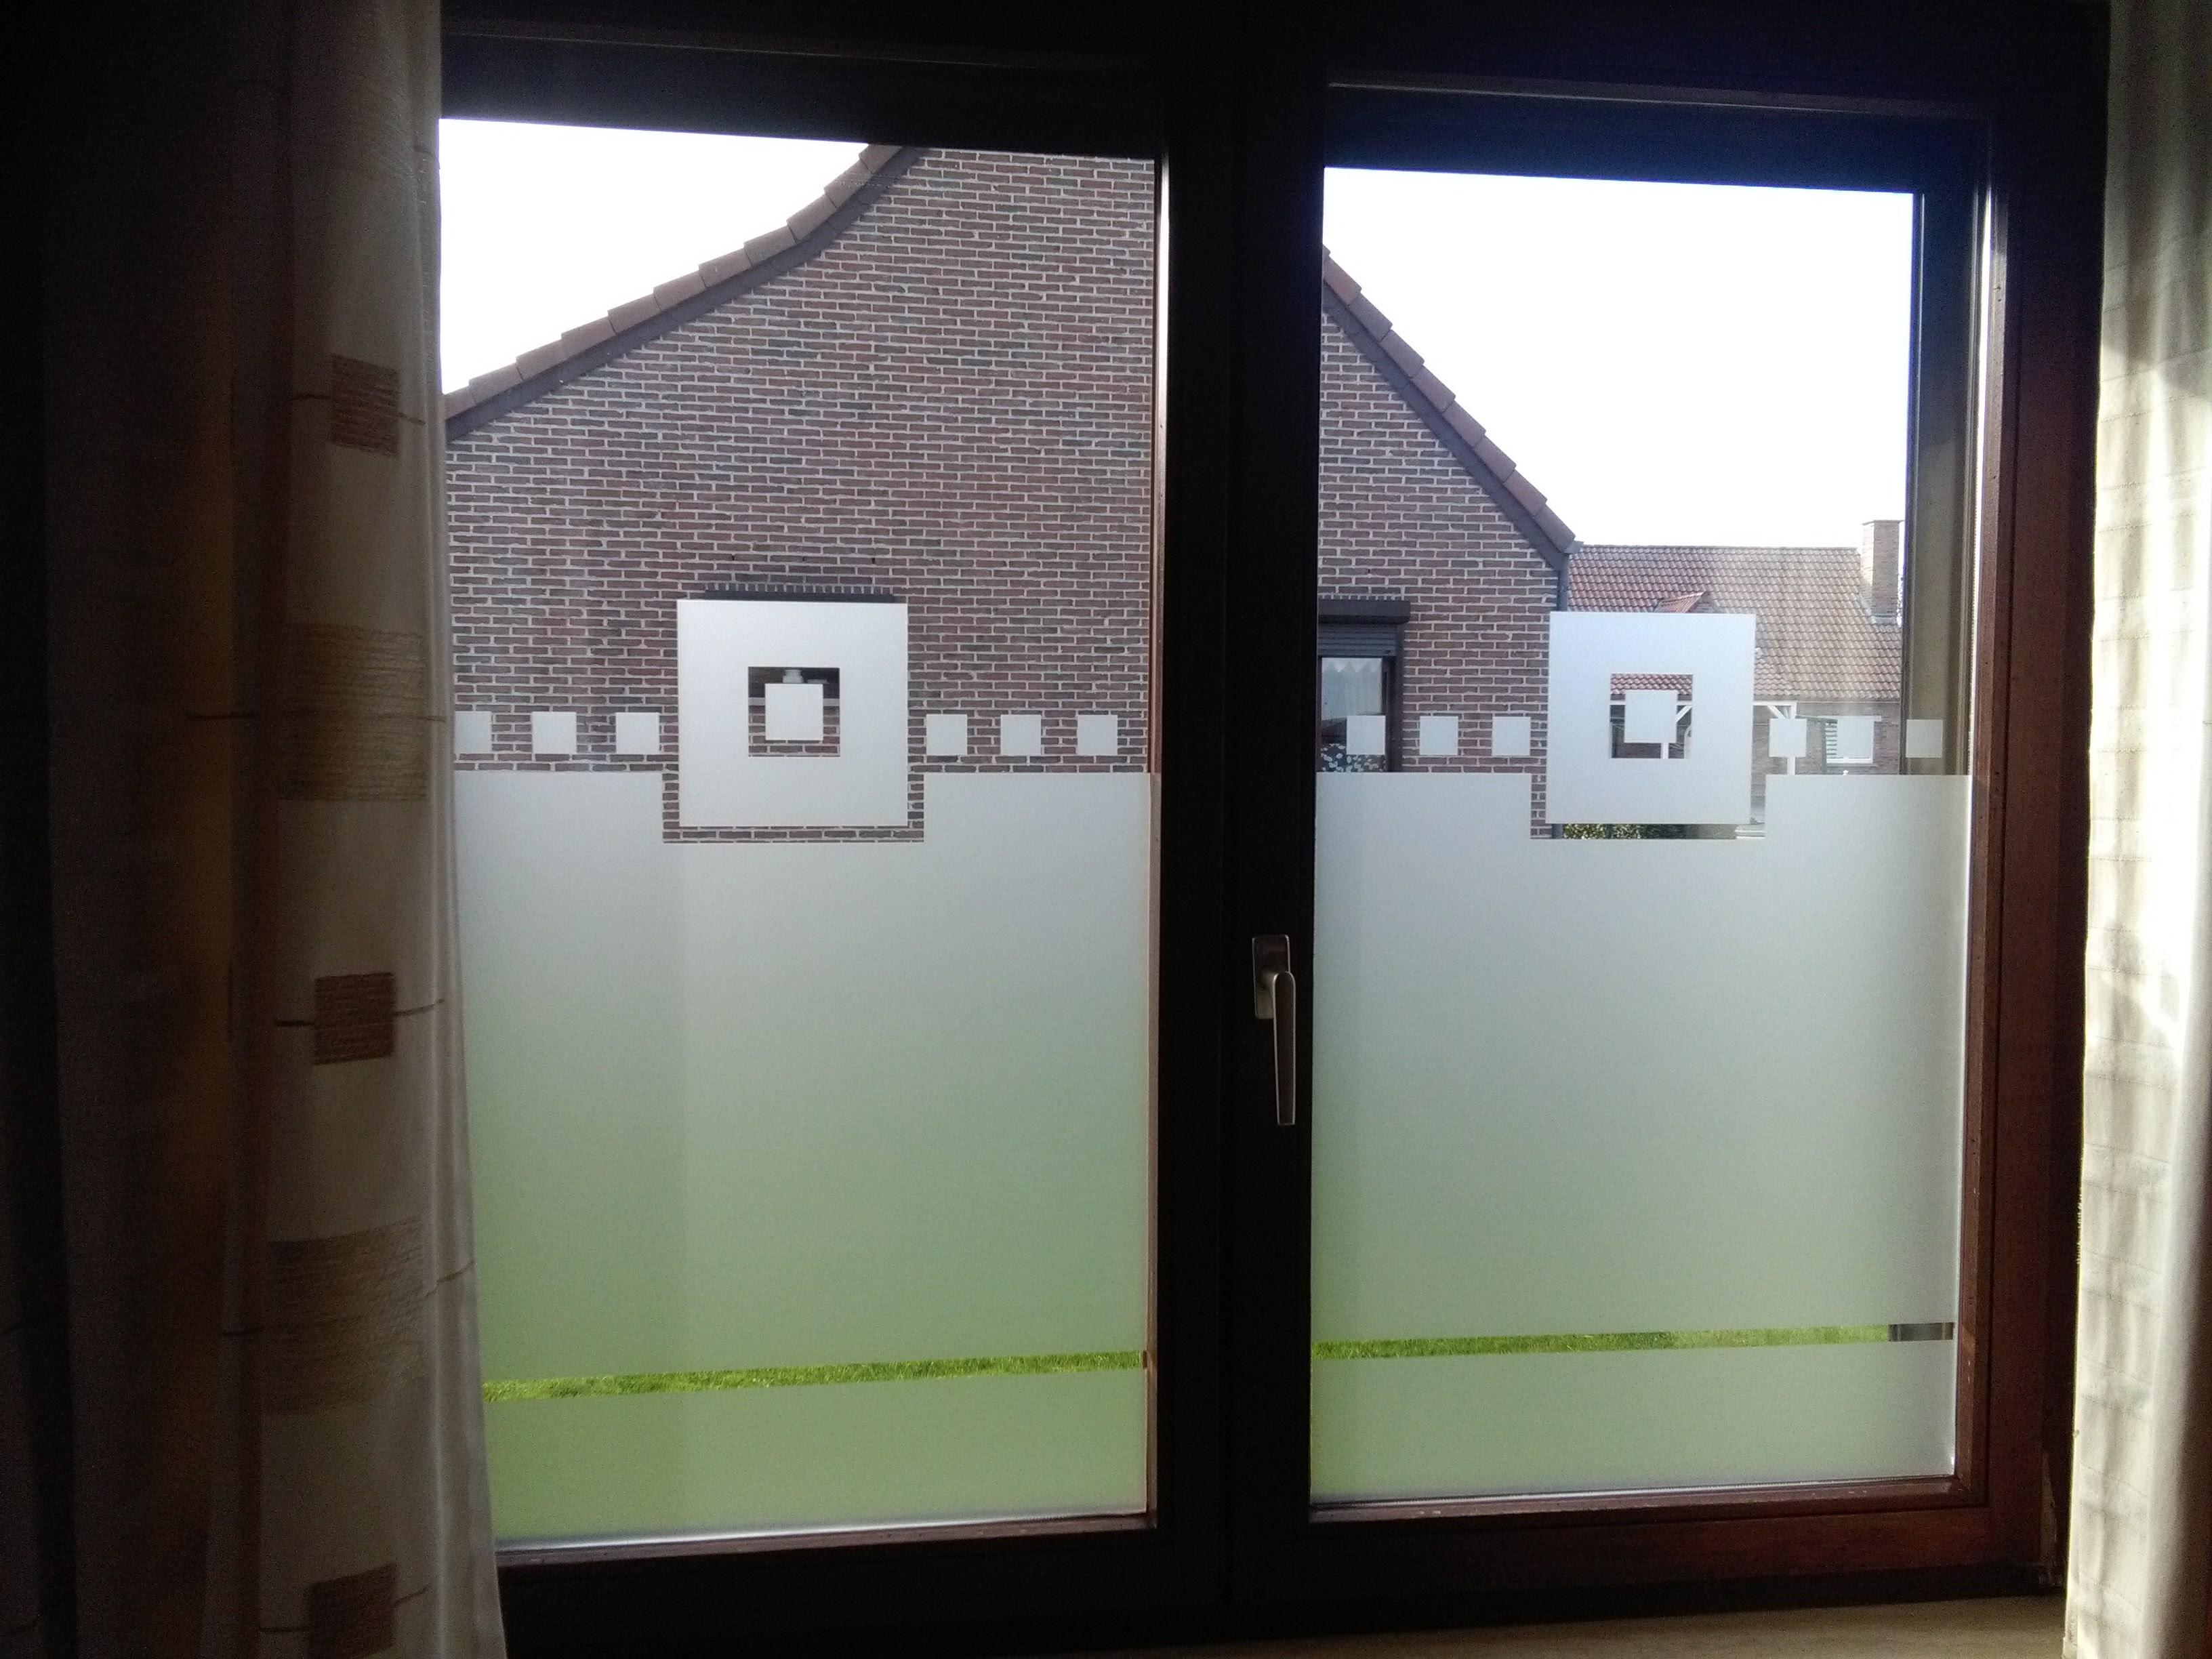 Sablage décoratif sur vitre